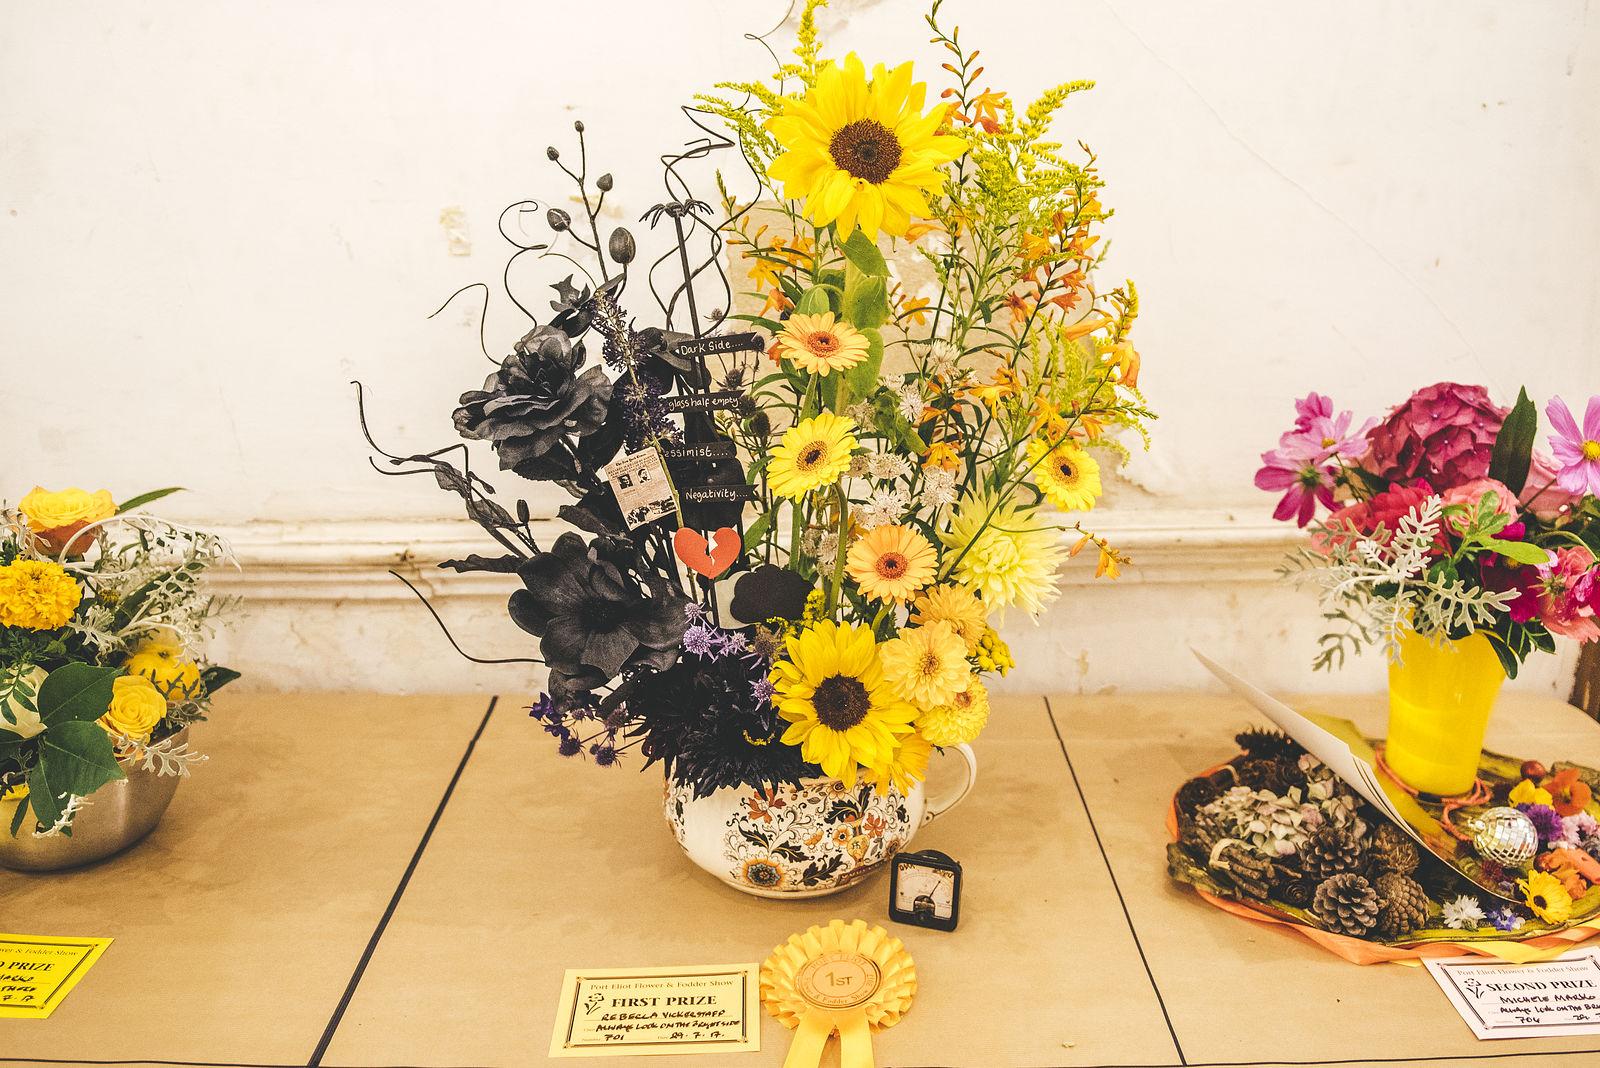 Flowers & Fodder